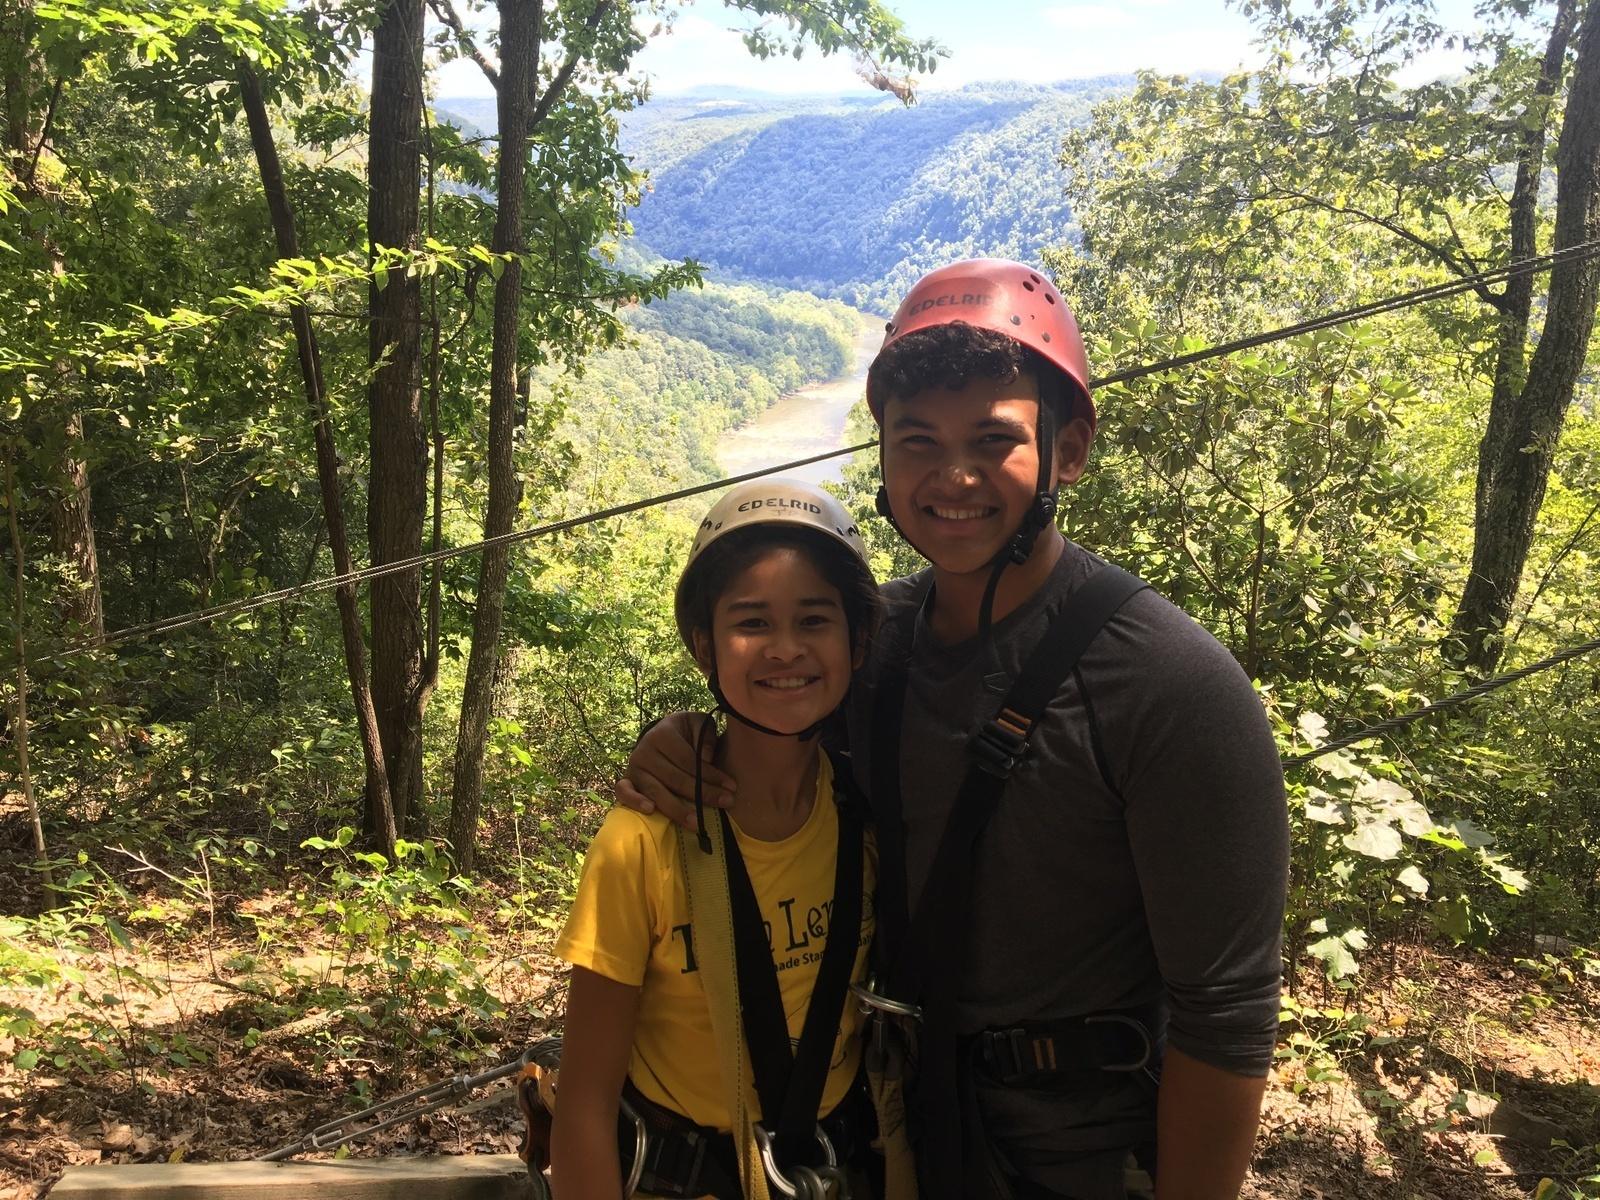 Ace Adventure Resort Zip Line Canopy Tour In Minden Wv Parent